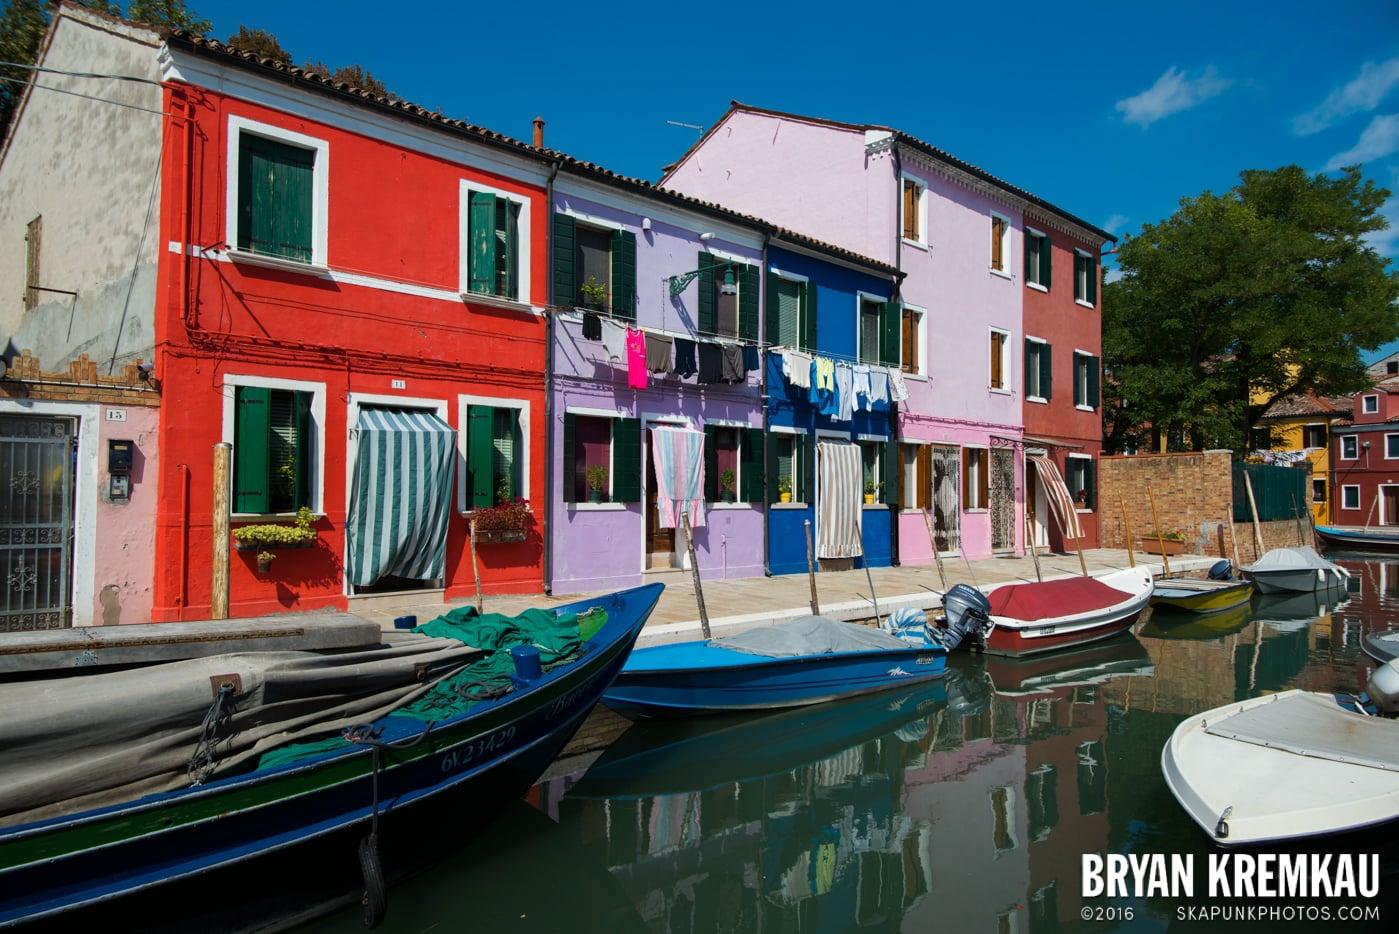 Italy Vacation - Day 6: Murano, Burano, Venice - 9.14.13 (47)